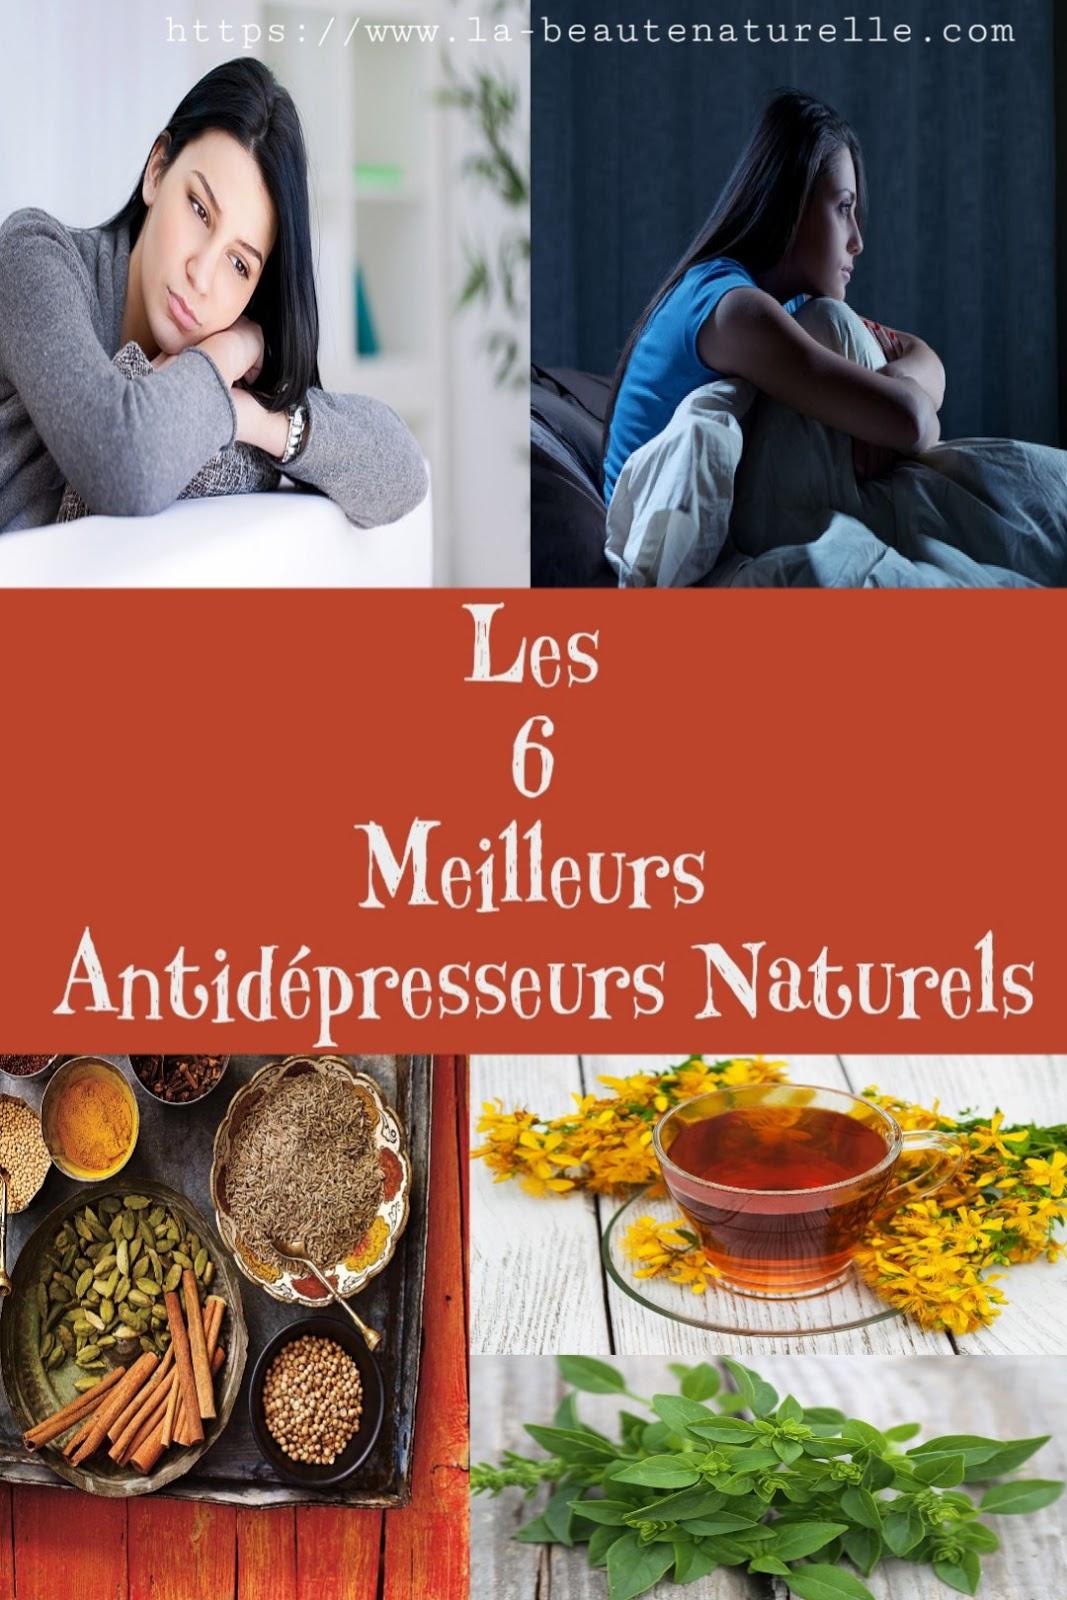 Les 6 Meilleurs Antidépresseurs Naturels